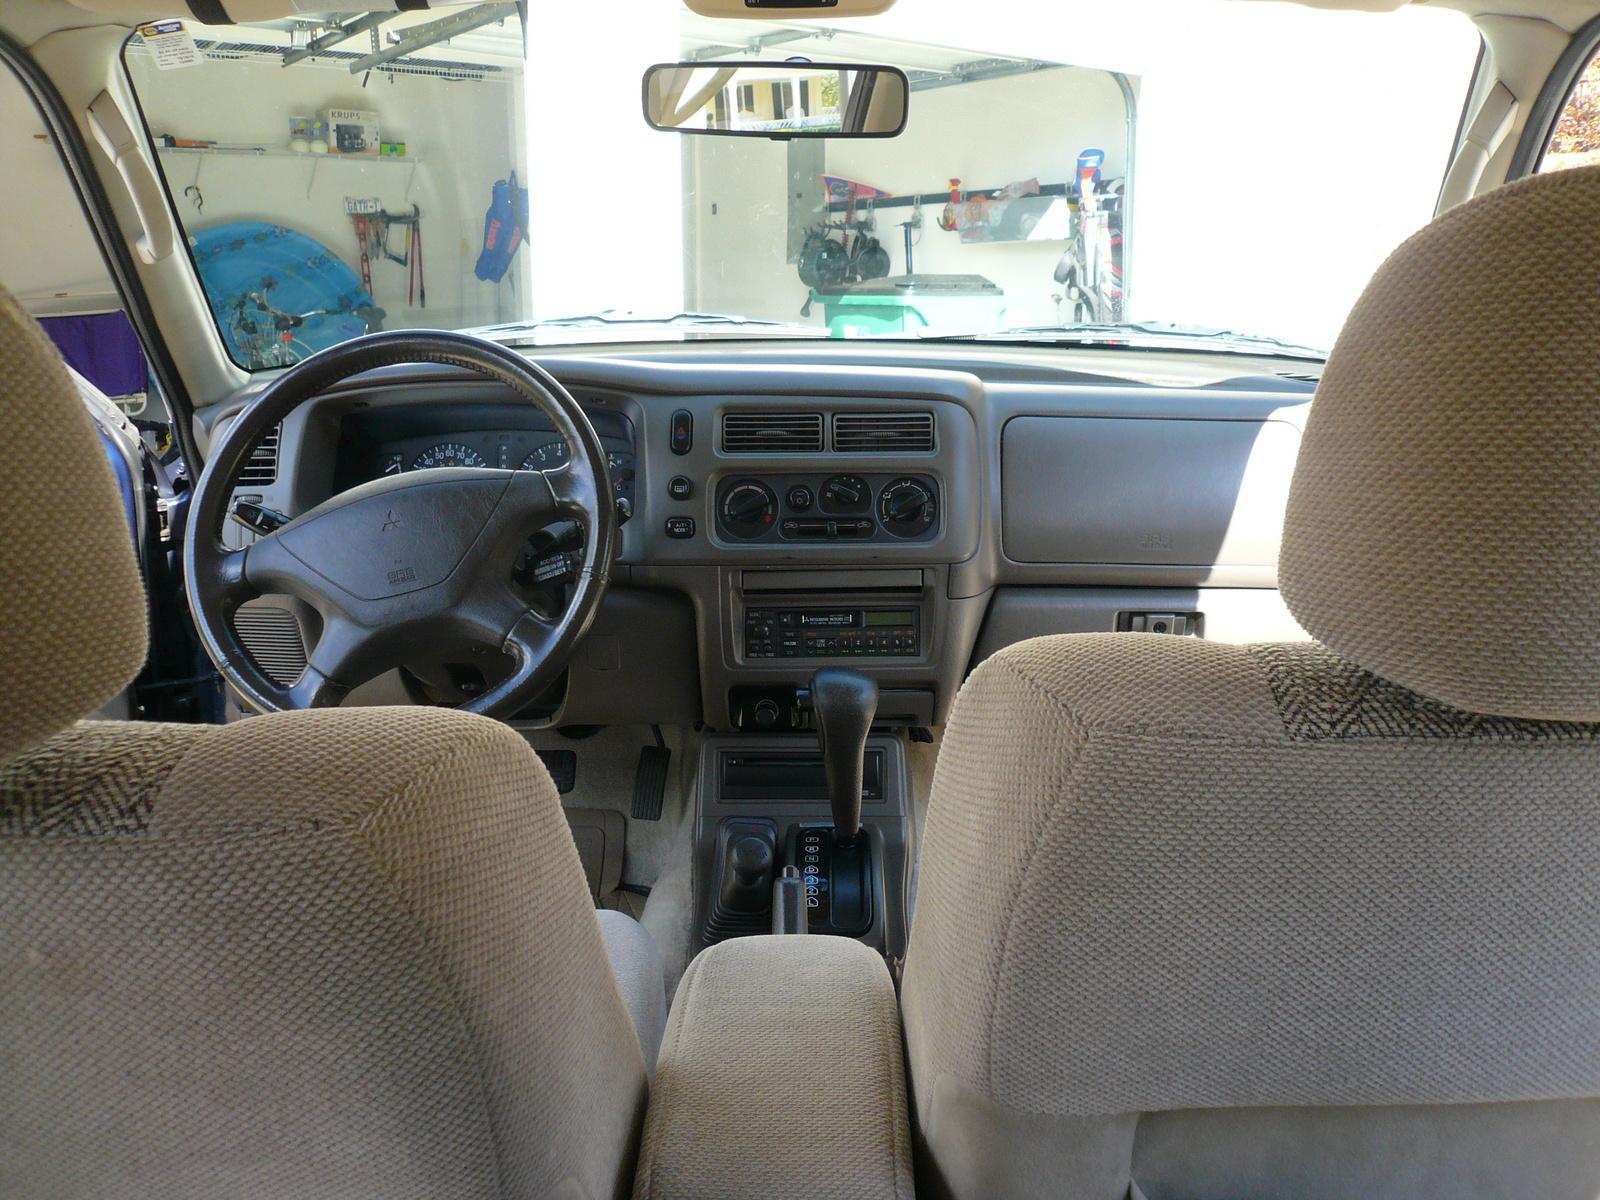 1999 mitsubishi montero information and photos zombiedrive for Mitsubishi montero interior